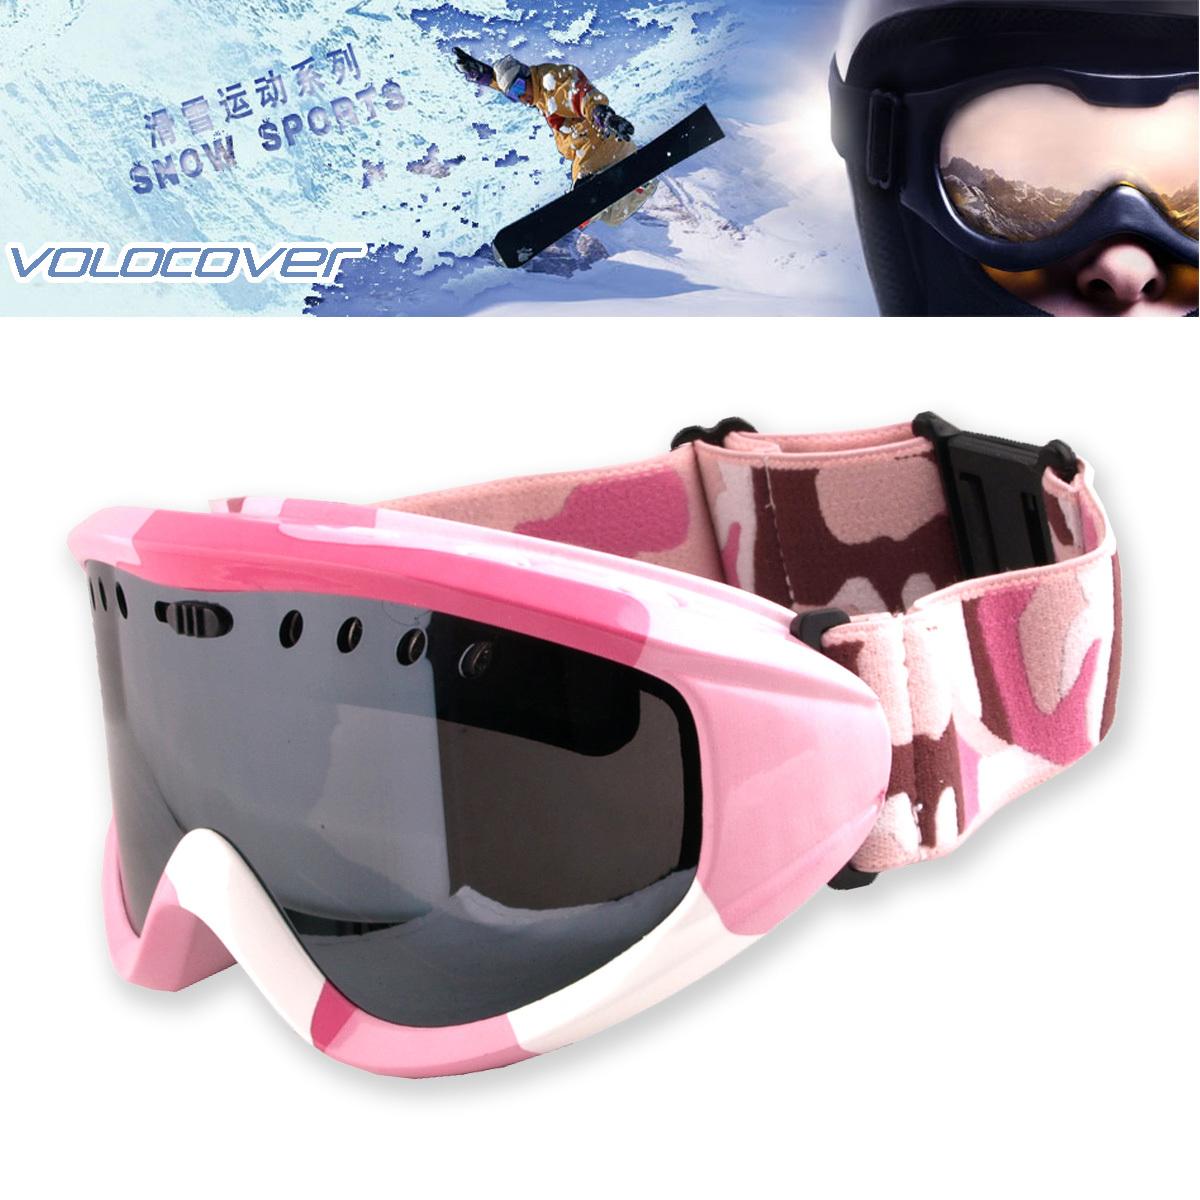 VOLO艾仑凯沃柱面 球面 双层防雾 滑雪镜 男 女防风 紫外线抗冲击